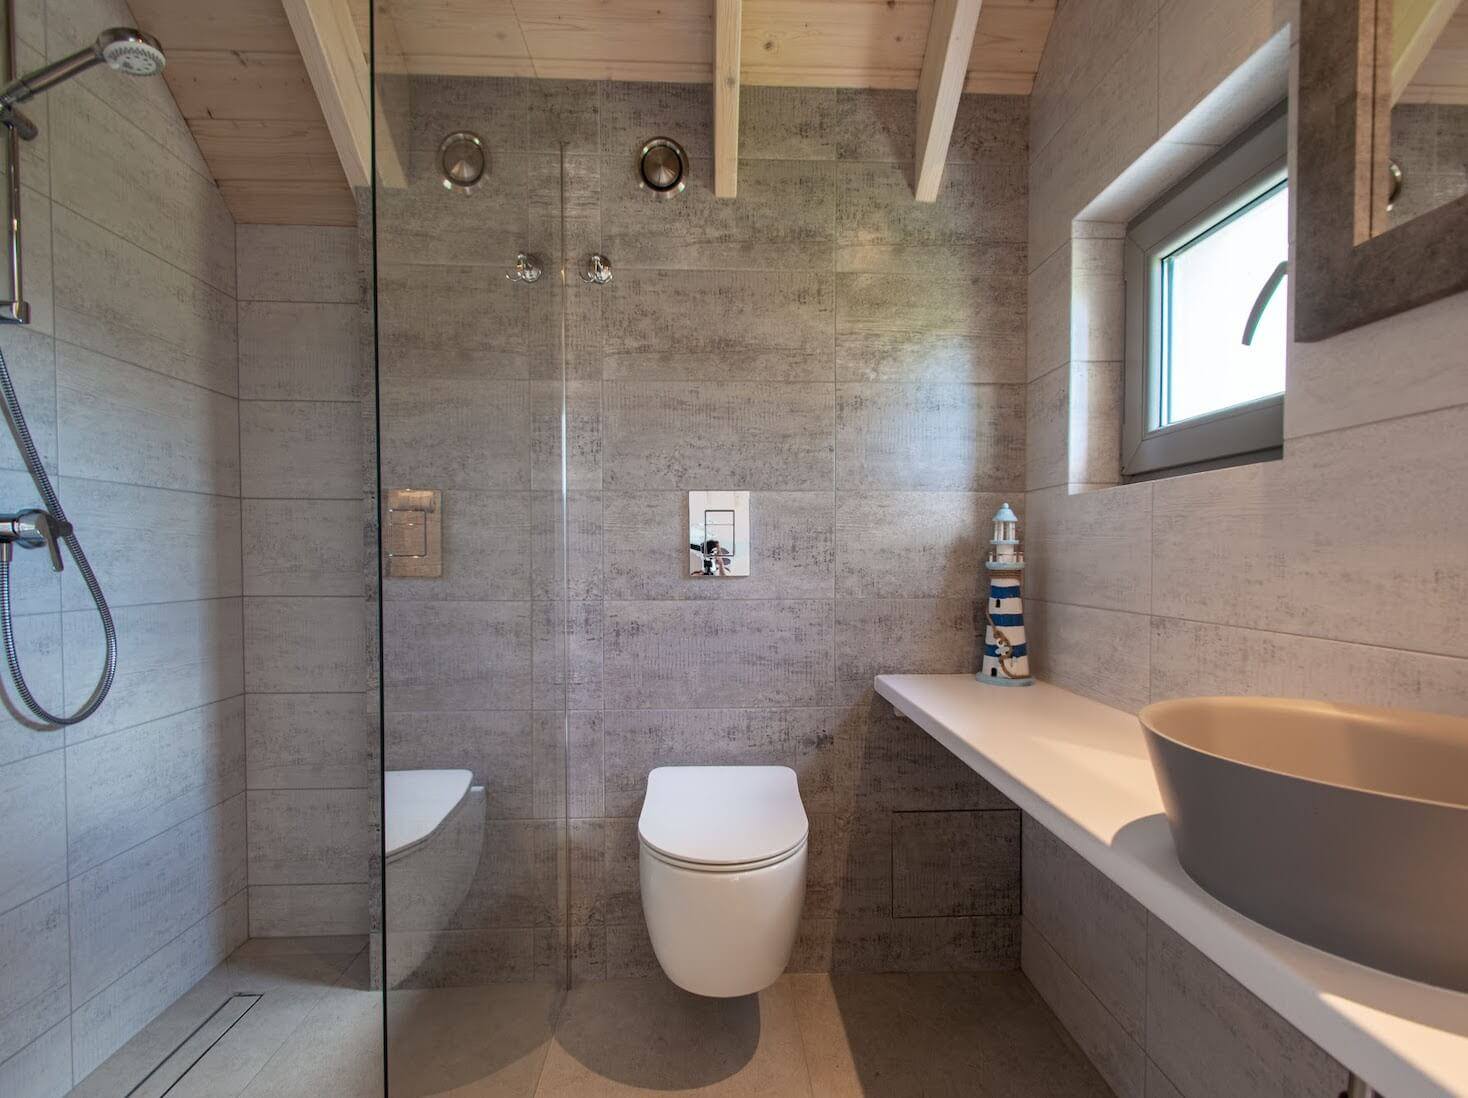 łazienka z prysznicem, kafelki szare, łazienka w domku do wynajecia